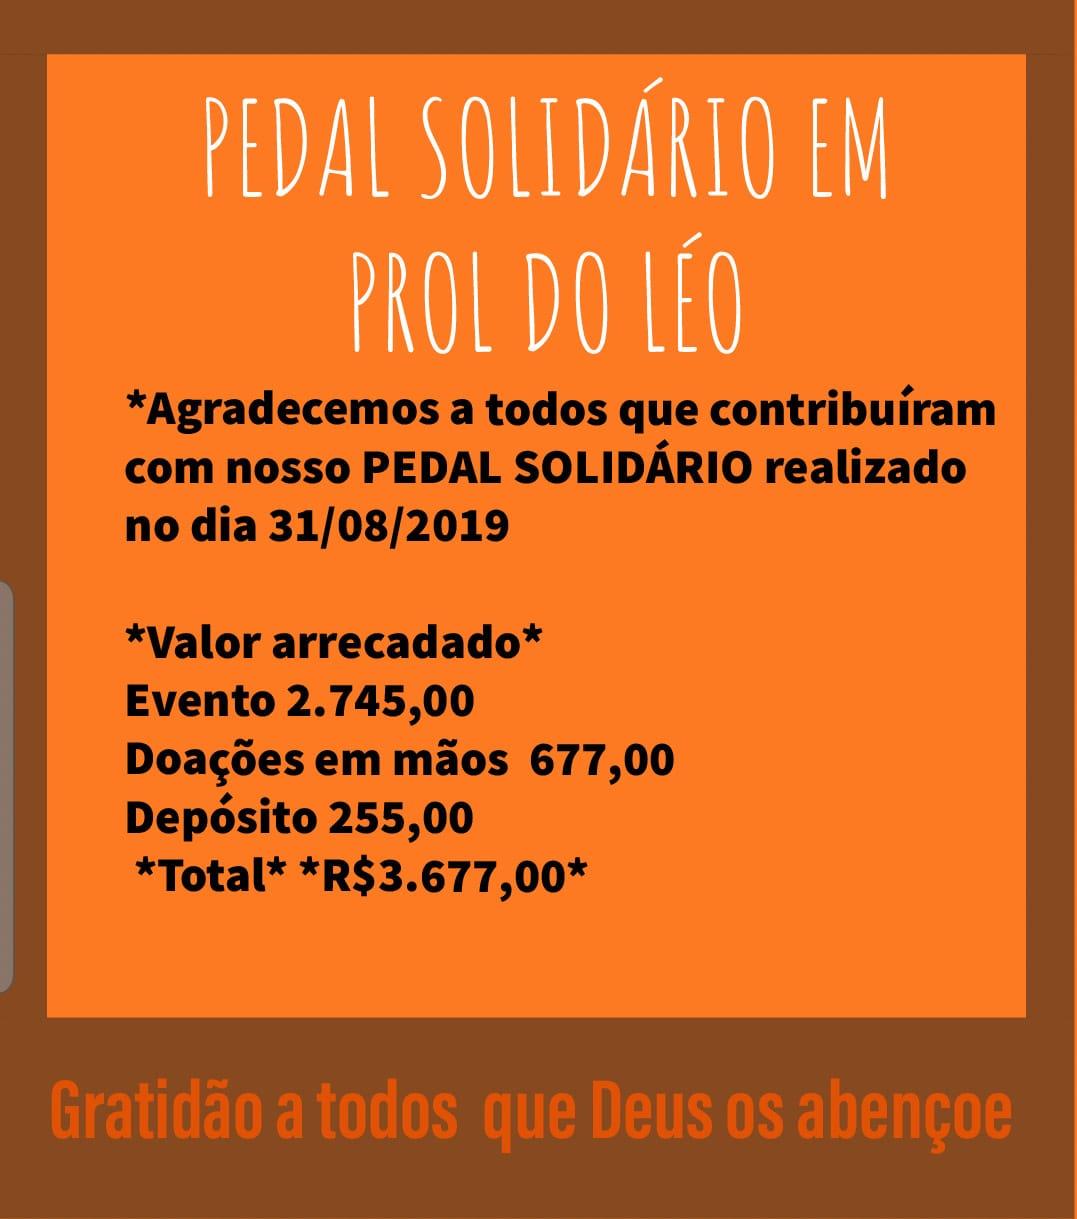 Organizadores comemoram sucesso do Pedal Solidário